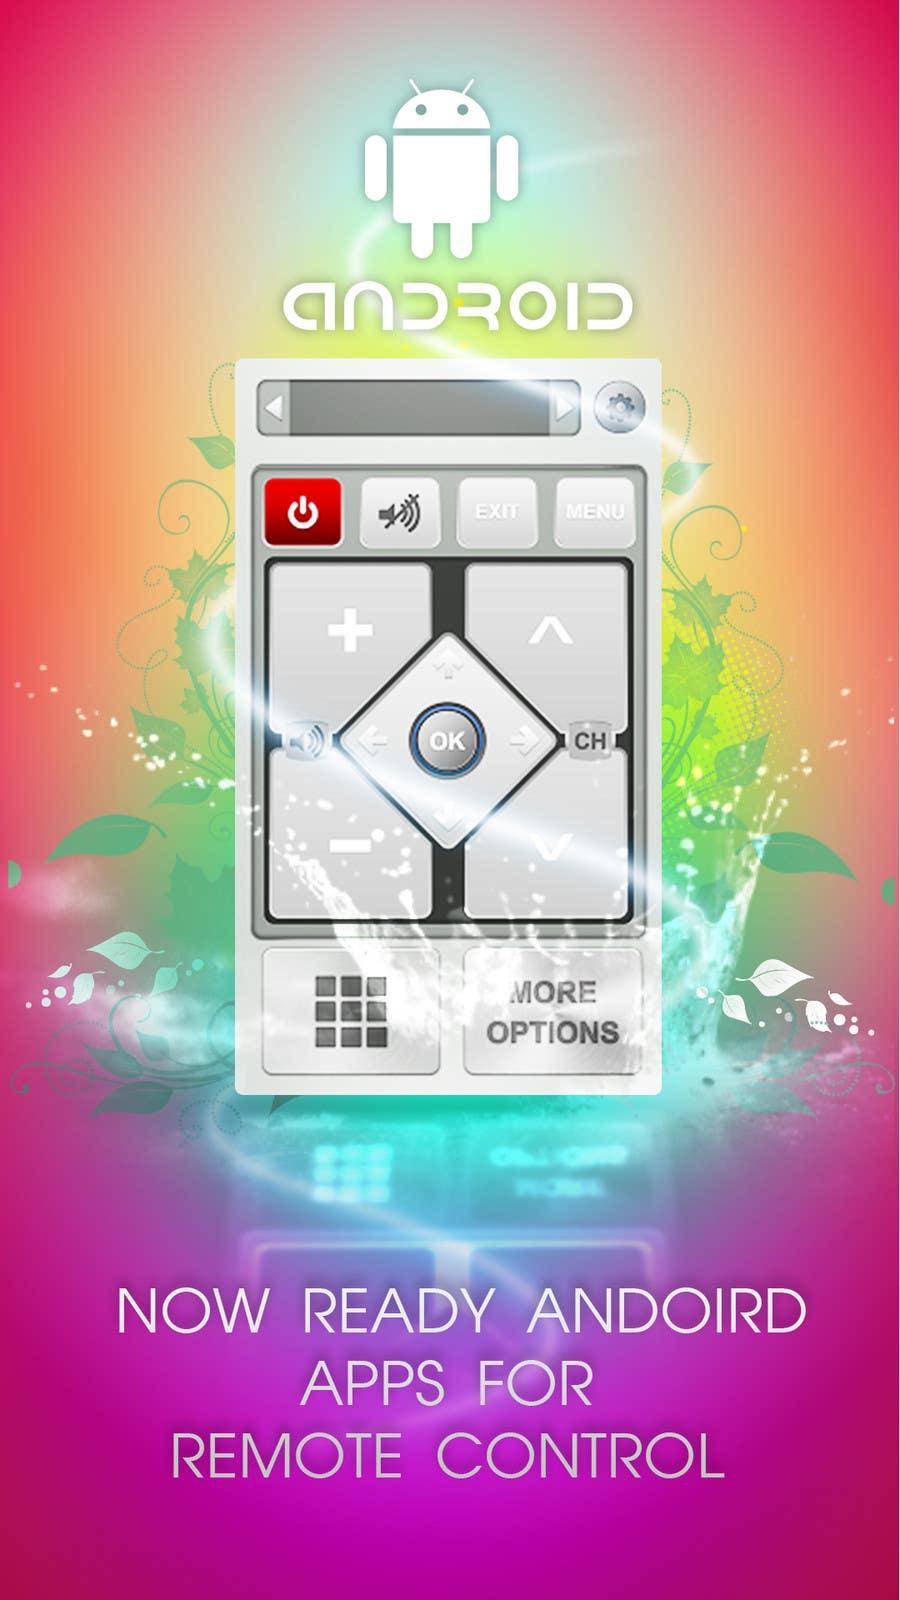 Bài tham dự cuộc thi #                                        104                                      cho                                         Splash Screen Design